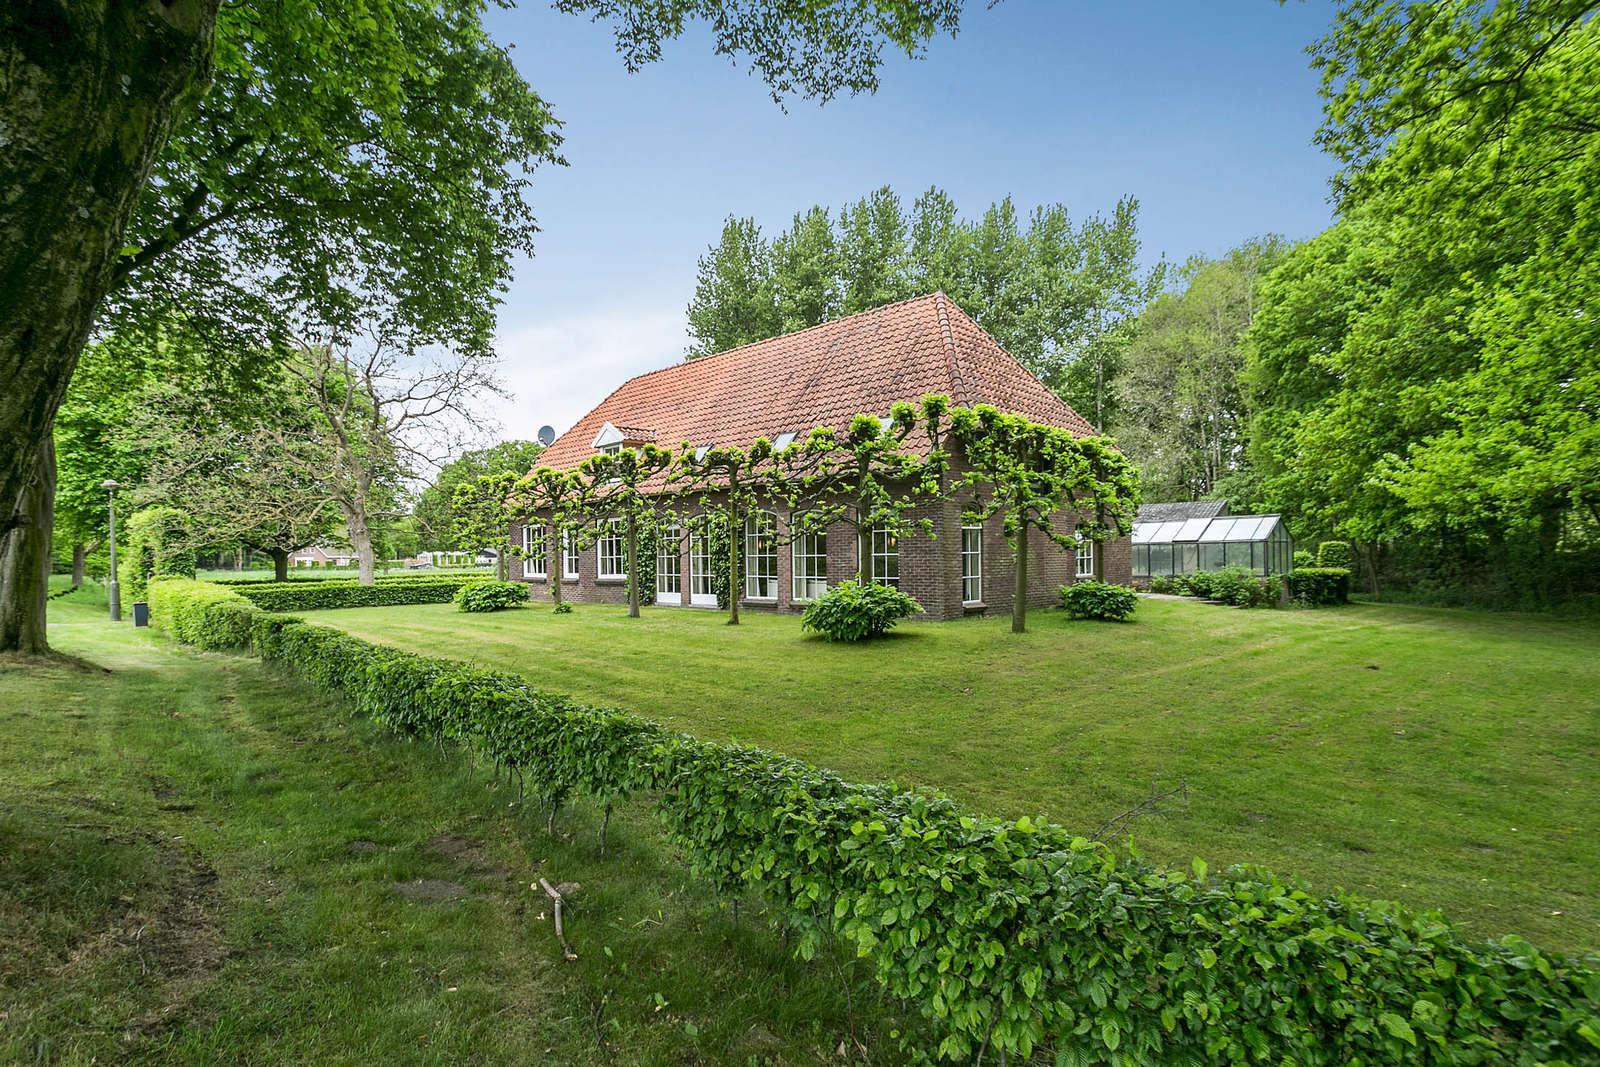 Sint-Michielsgestelseweg 7, Woonboerderij Vught